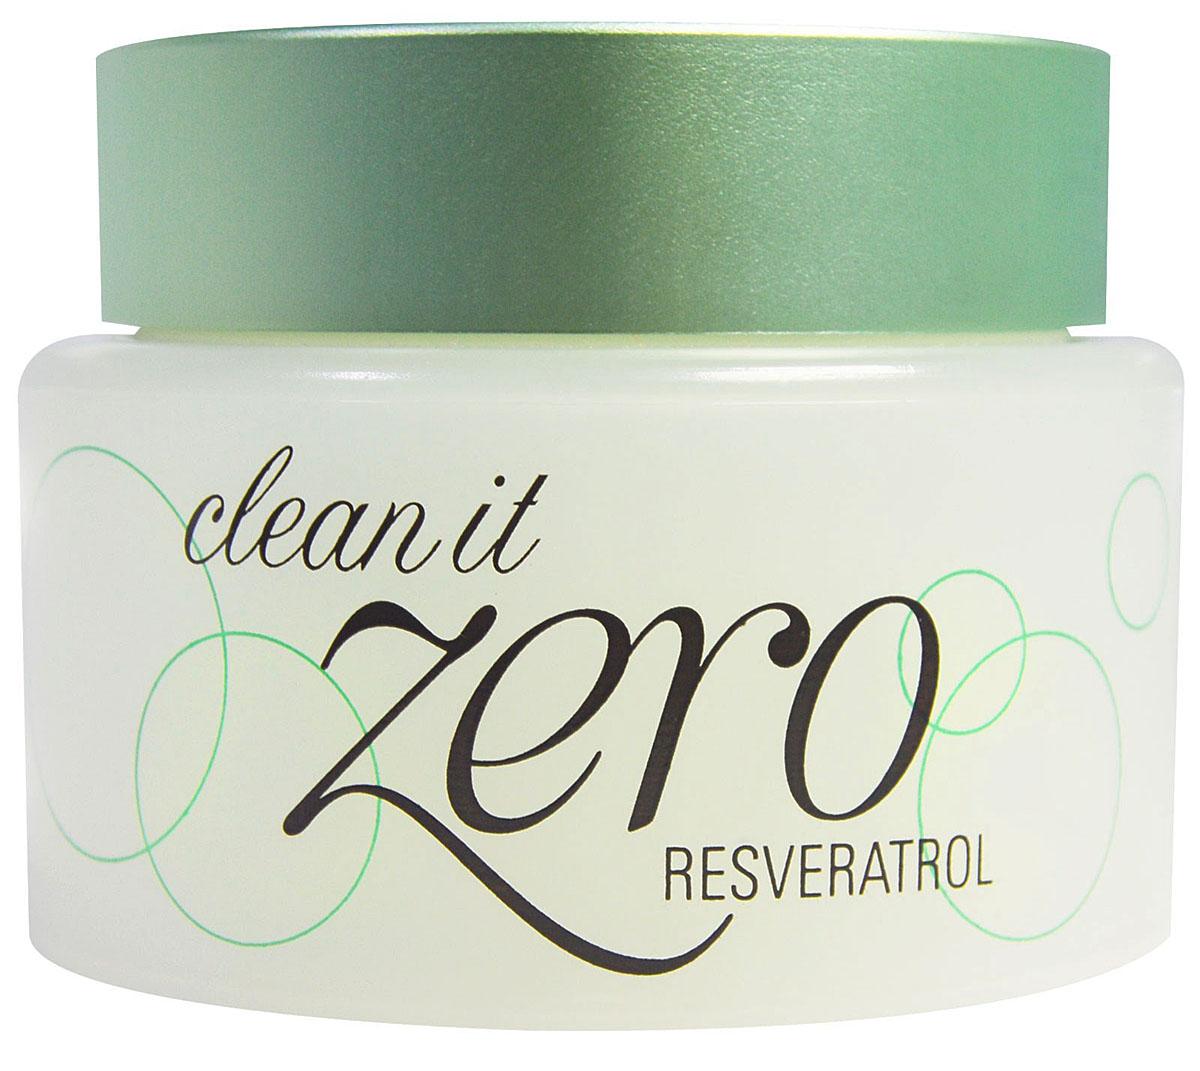 Banila Co Очищаюший крем-щербет для глубокого очищения Clean it Zero Resveratrol, 100 млCS0024K03Средство для удаления макияжа. Основные ингредиенты: экстракт папайи, ацерола, экстракты лечебных трав. Крем для умывания бережно снимает макияж, глубоко очищает поры, предотвращает воспаления. Входящий в состав экстракт ацеролы интенсивно увлажняет кожу. Подходит для чувствительной кожи.